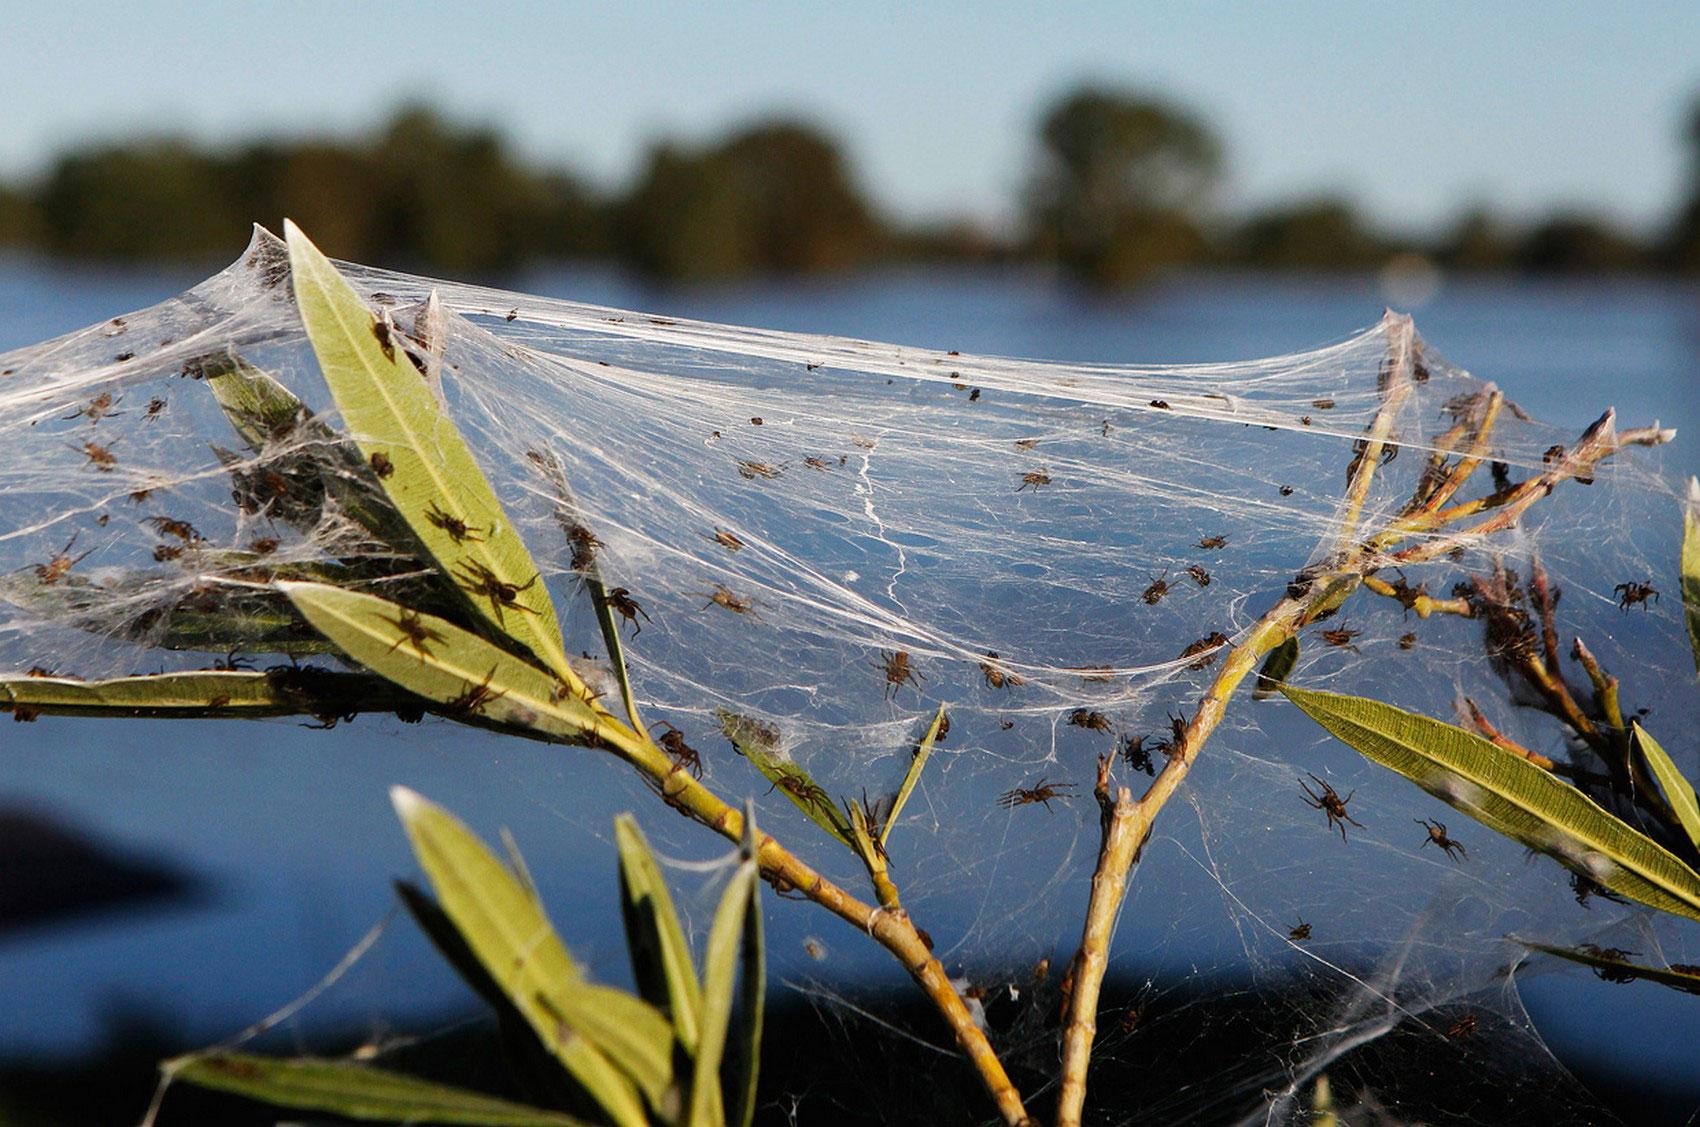 поле в паутине, фото